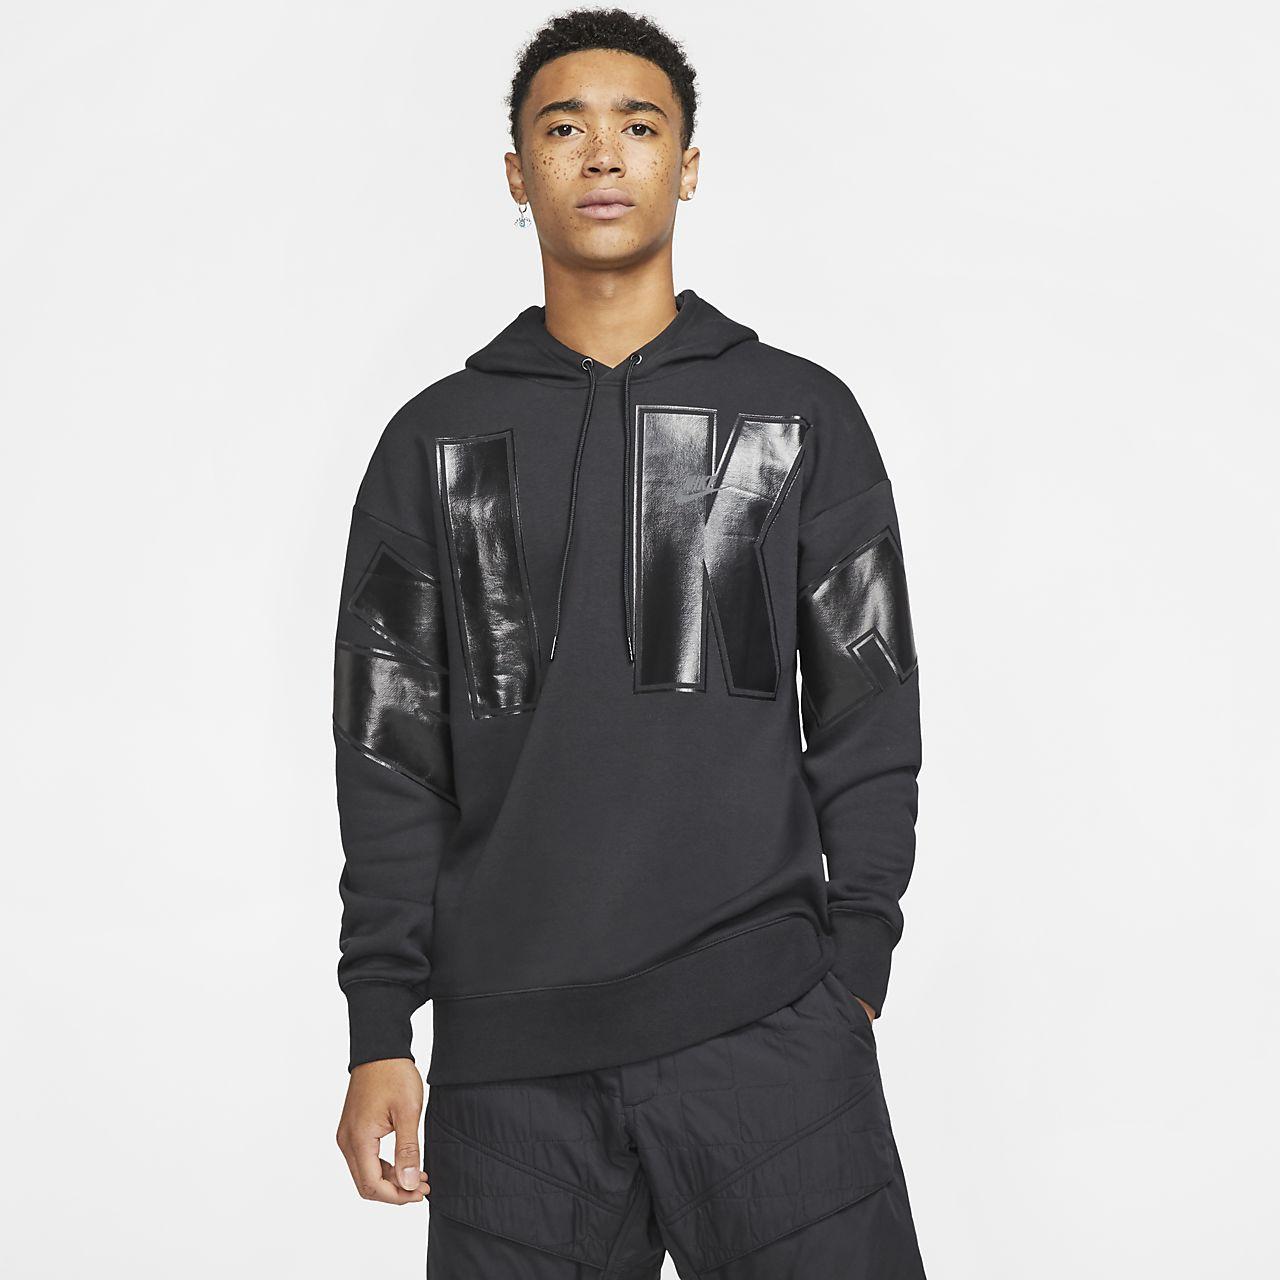 Φλις μπλούζα με κουκούλα Nike Sportswear